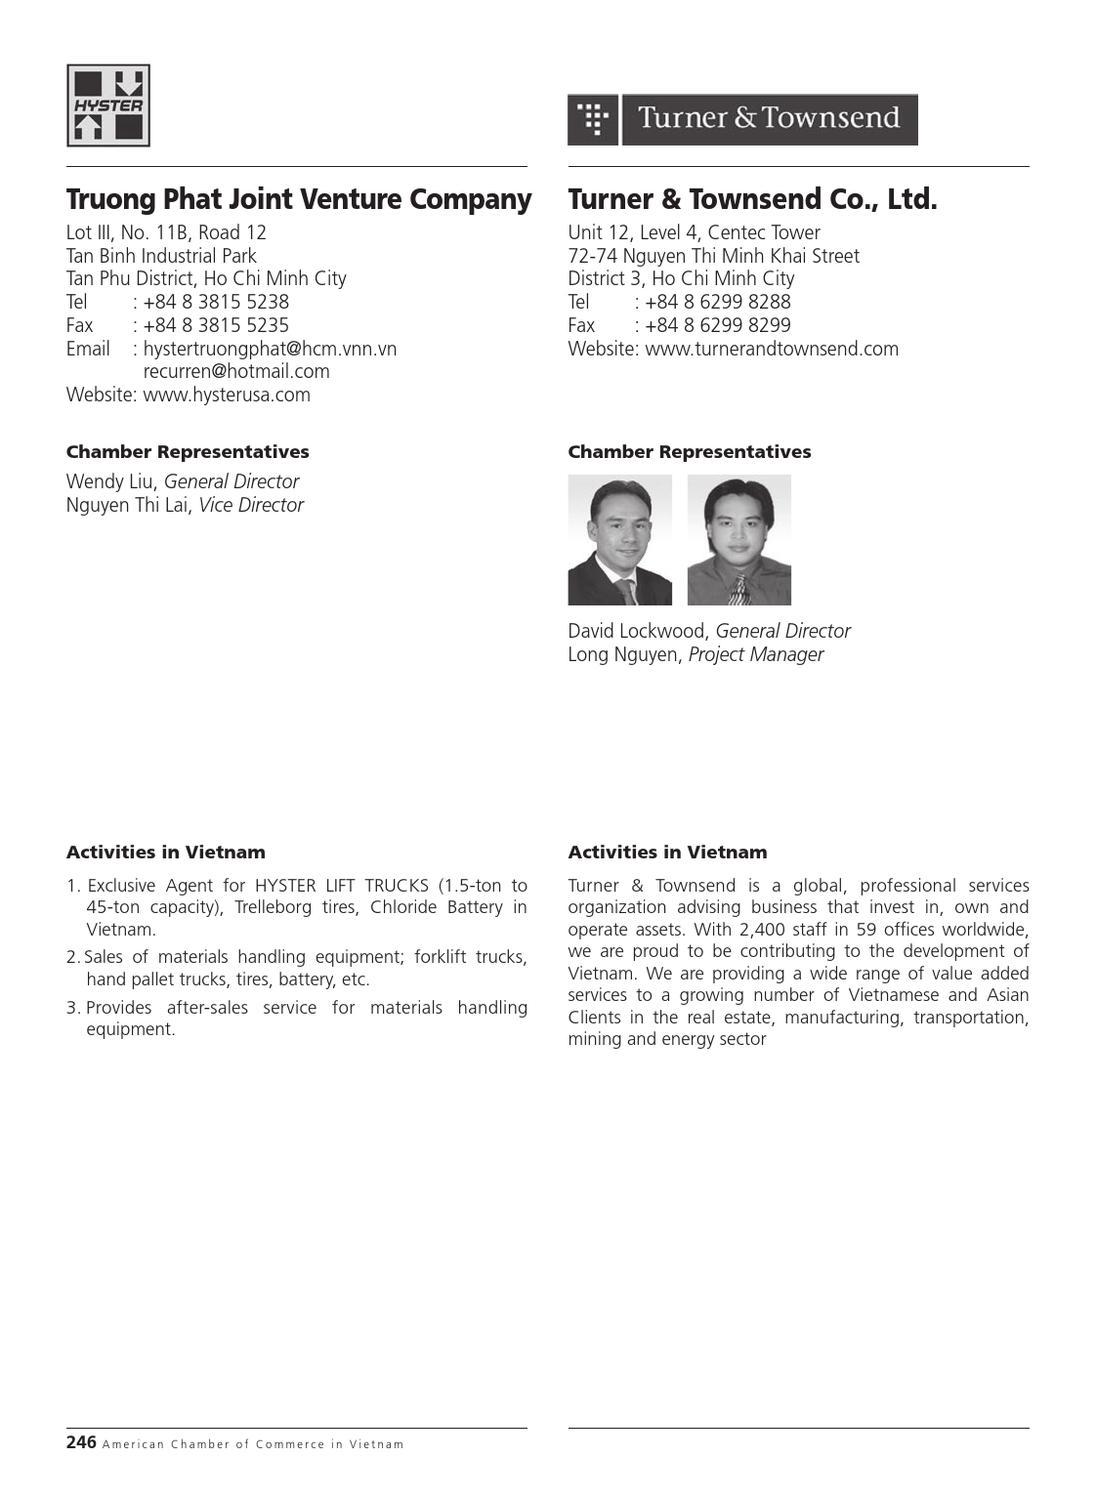 AmCham Vietnam in HCMC - Membership Directory 2012